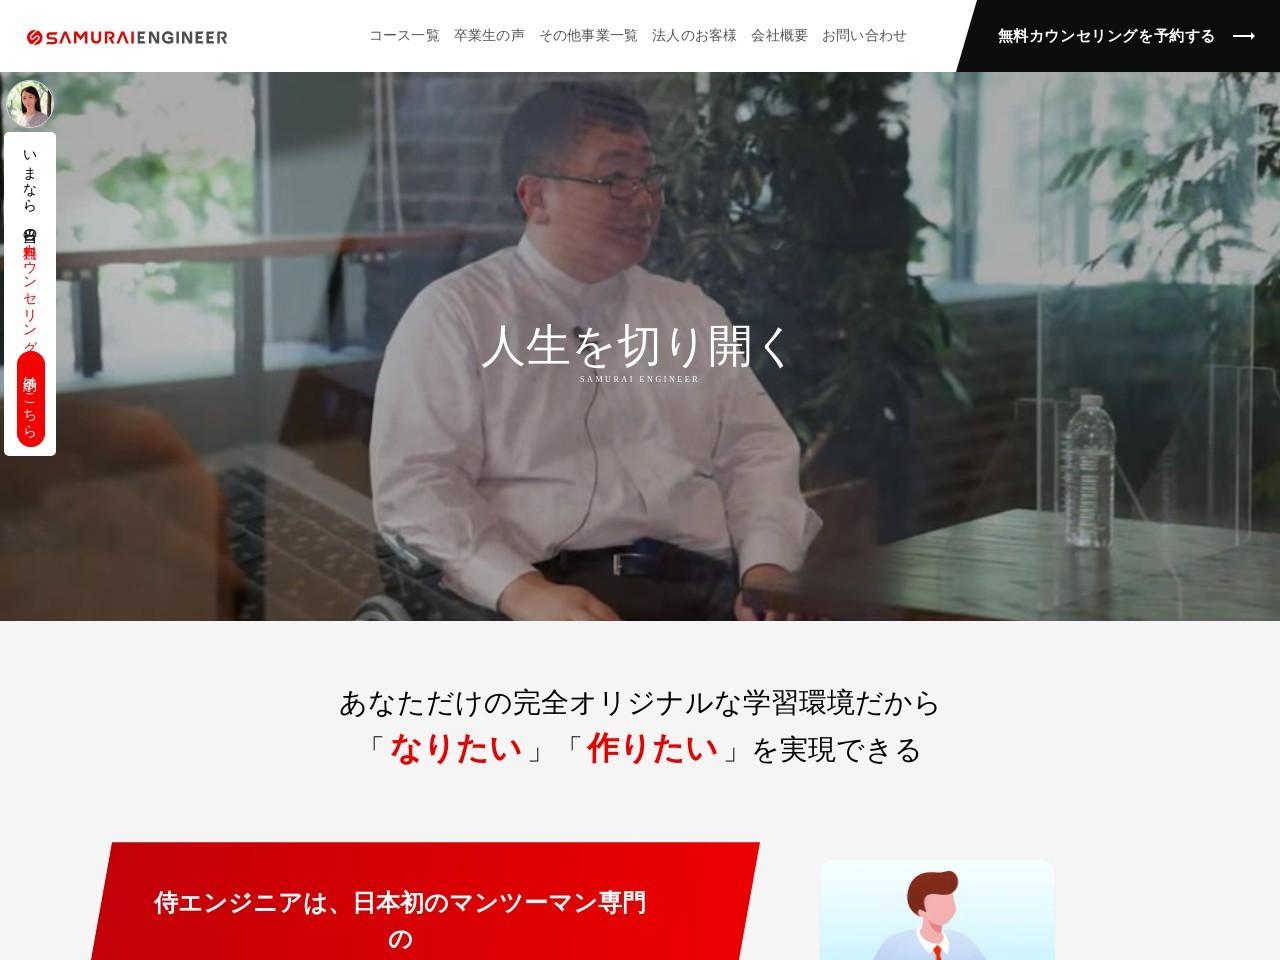 【JavaScript入門】forEach文の使い方と配列の繰り返し処理まとめ!   侍エンジニア塾ブログ(Samurai Blog) - プログラミング入門者向けサイト